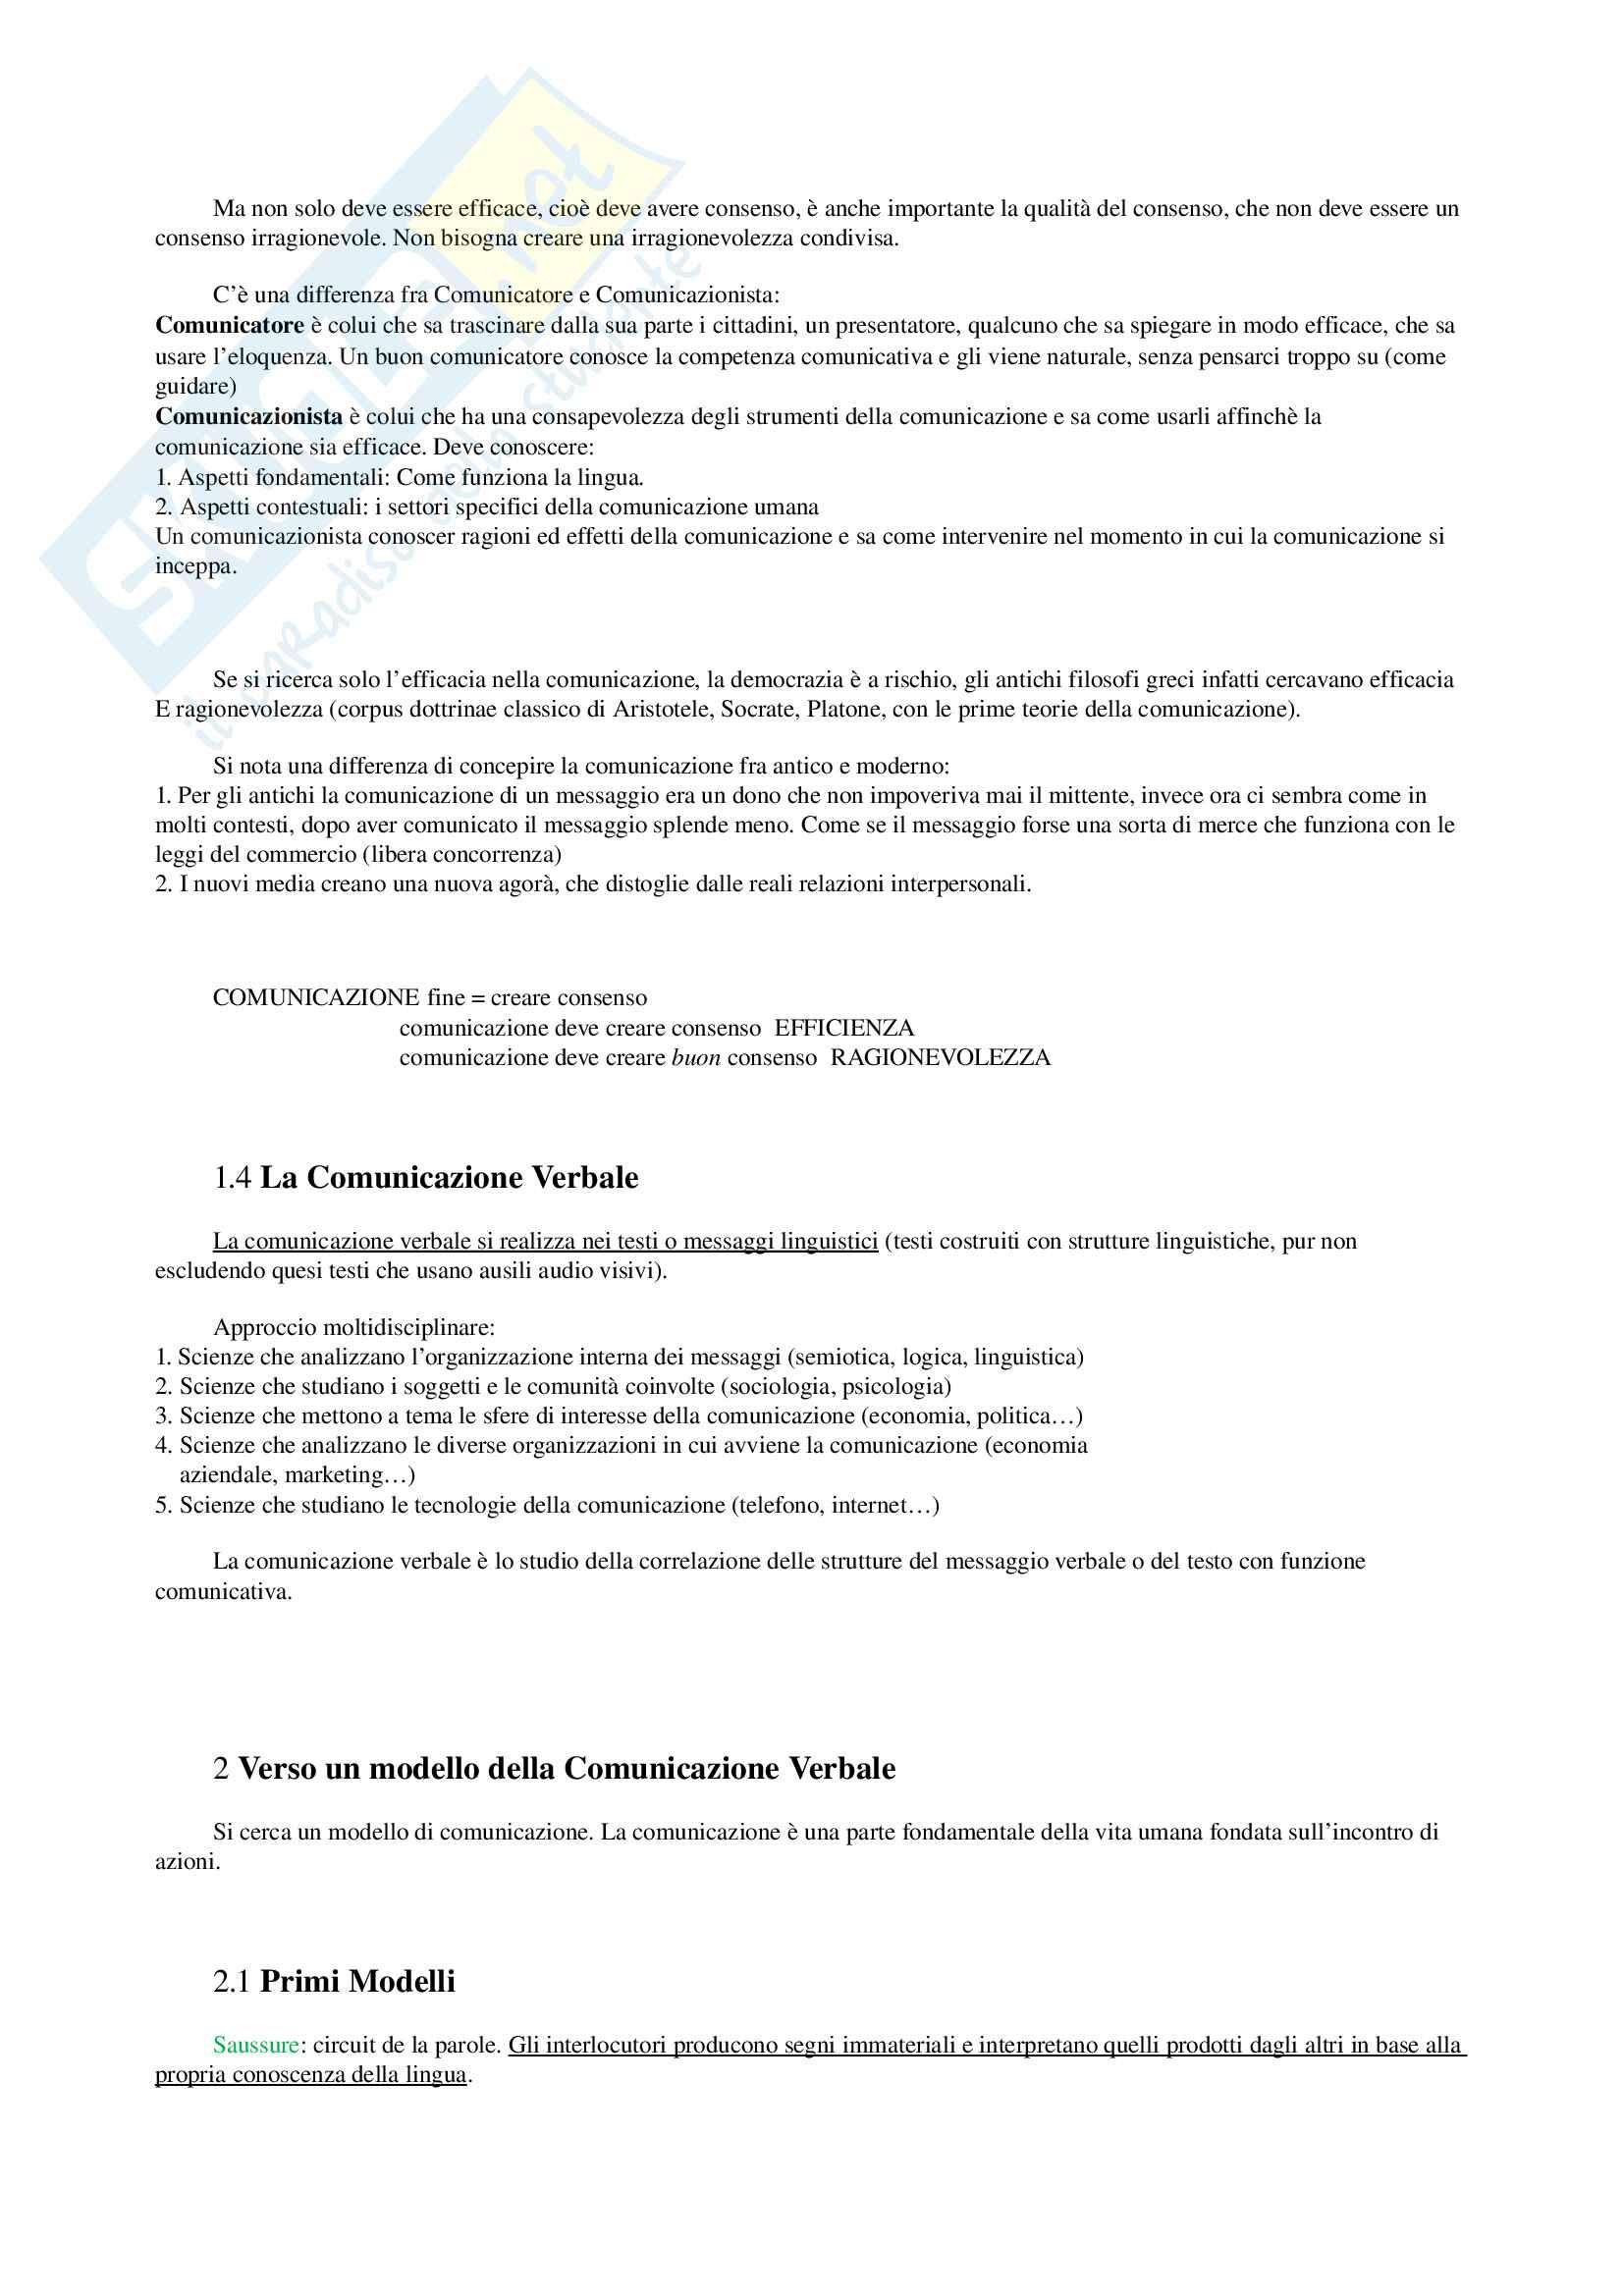 Appunti per Linguistica Generale, prof Gatti, libro consigliato La Comunicazione Verbale, Rigotti e Cigada Pag. 2